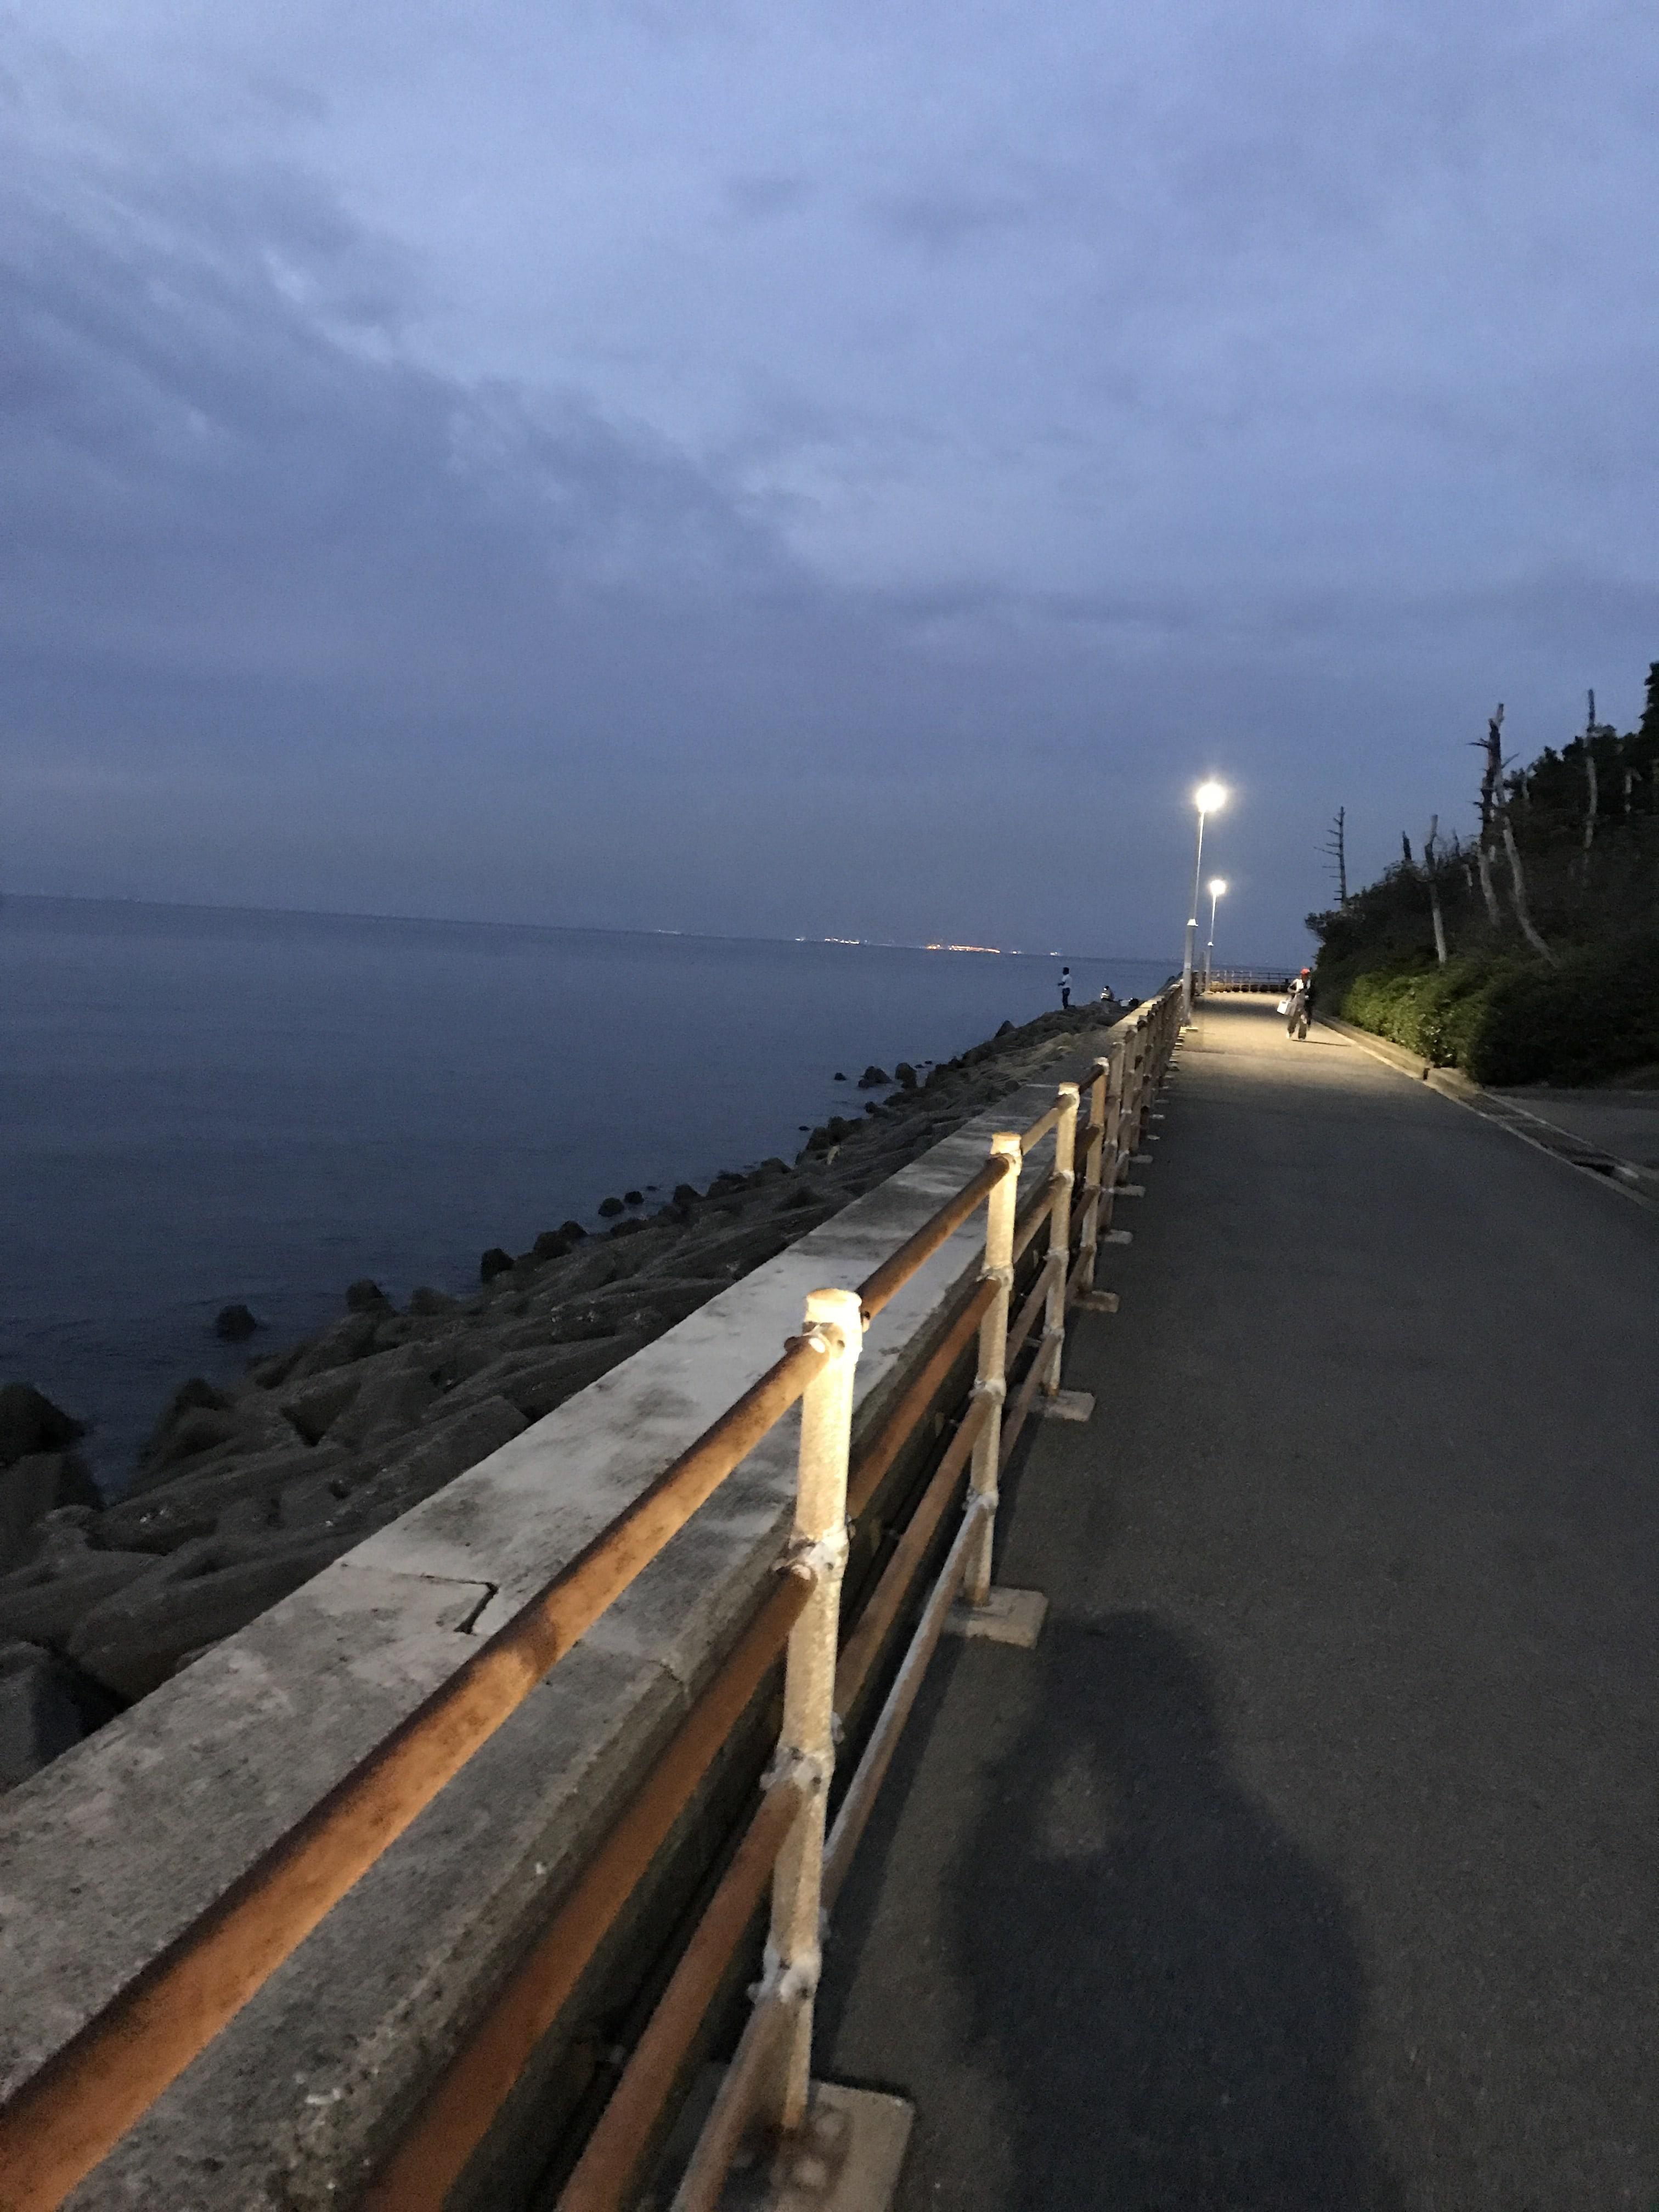 観音崎の釣り場紹介、大阪泉南のエギング・メバリングにオススメのお手軽なシャローの常夜灯のある釣り場